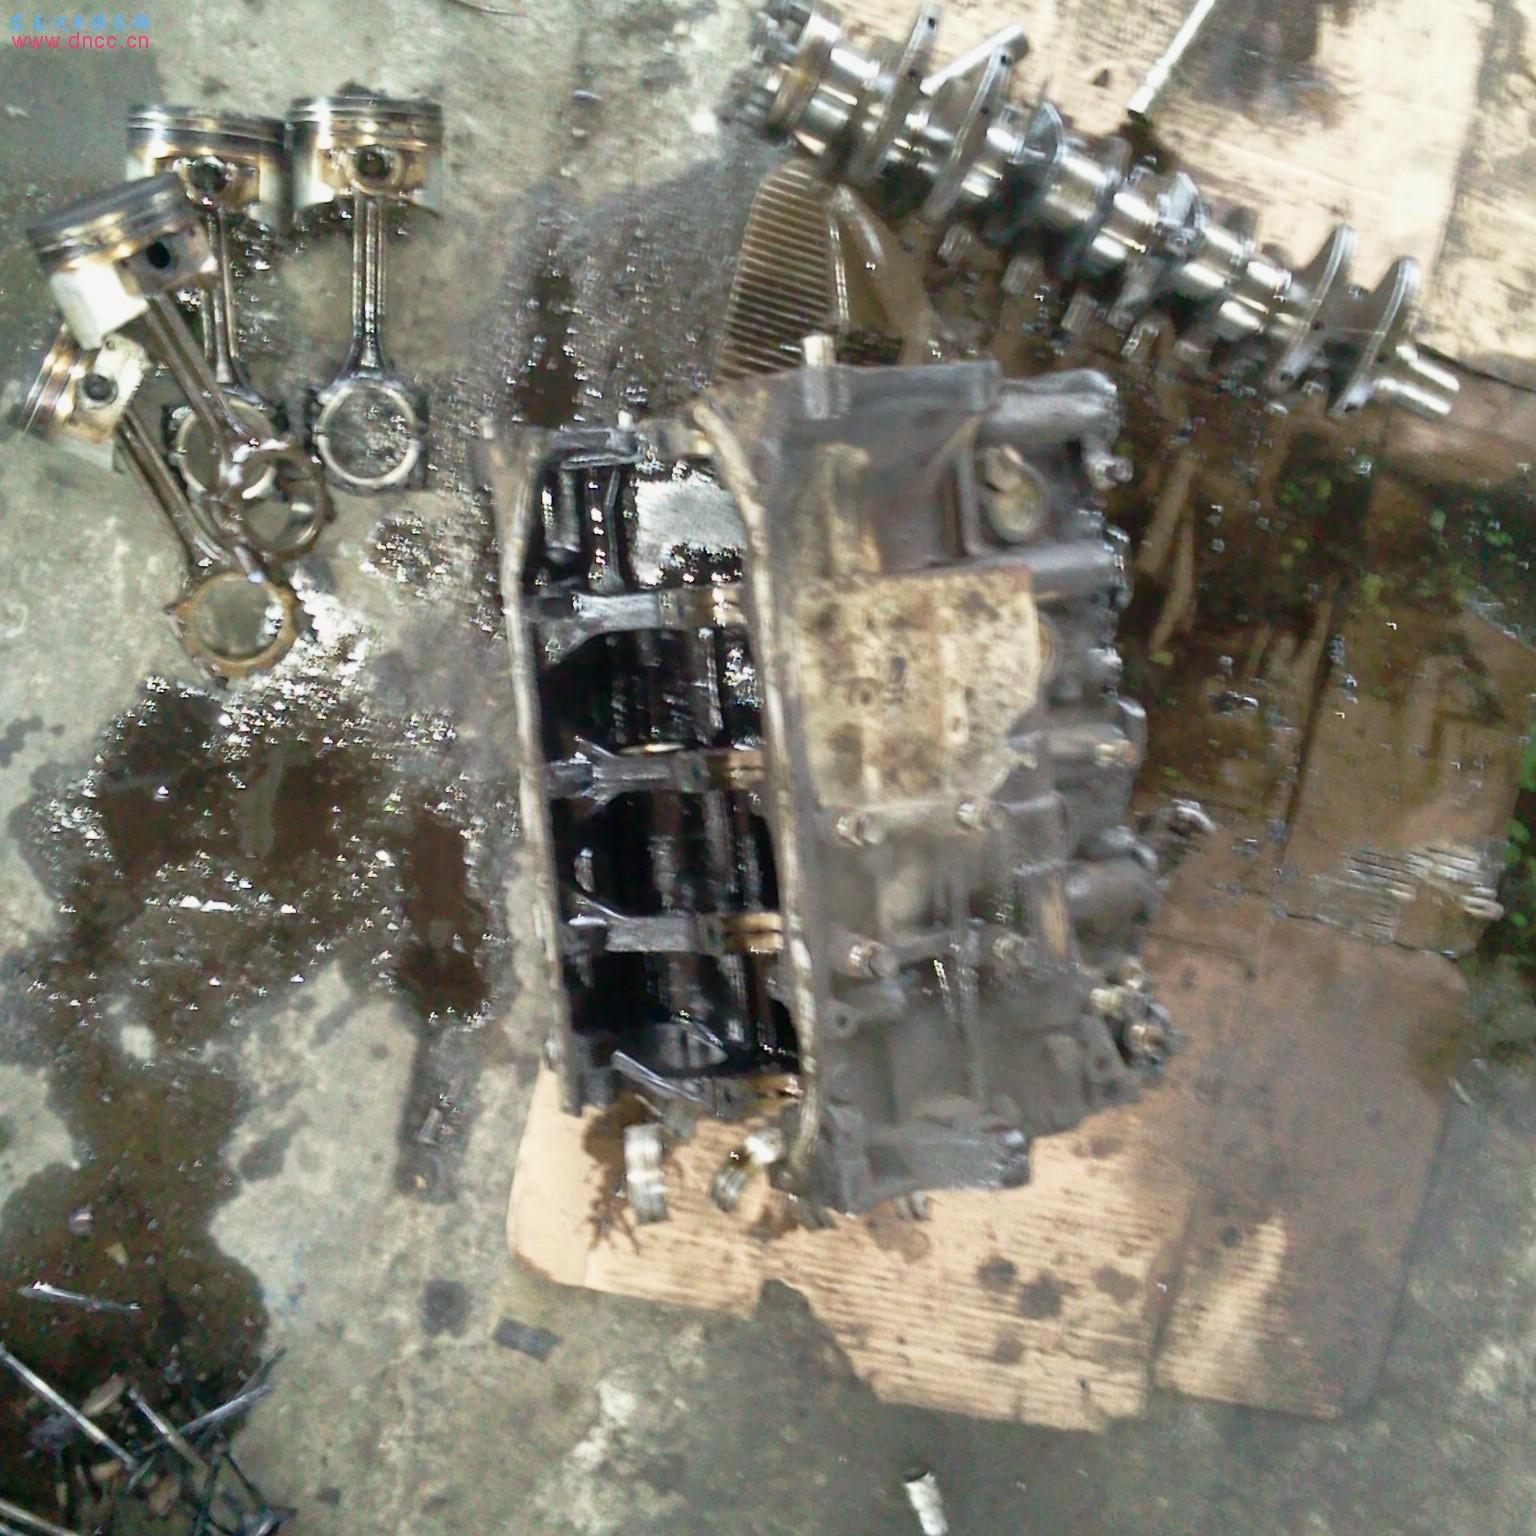 卡卡要大修了,是换发动机还是大修请救指导 富利卡论坛 菱高清图片